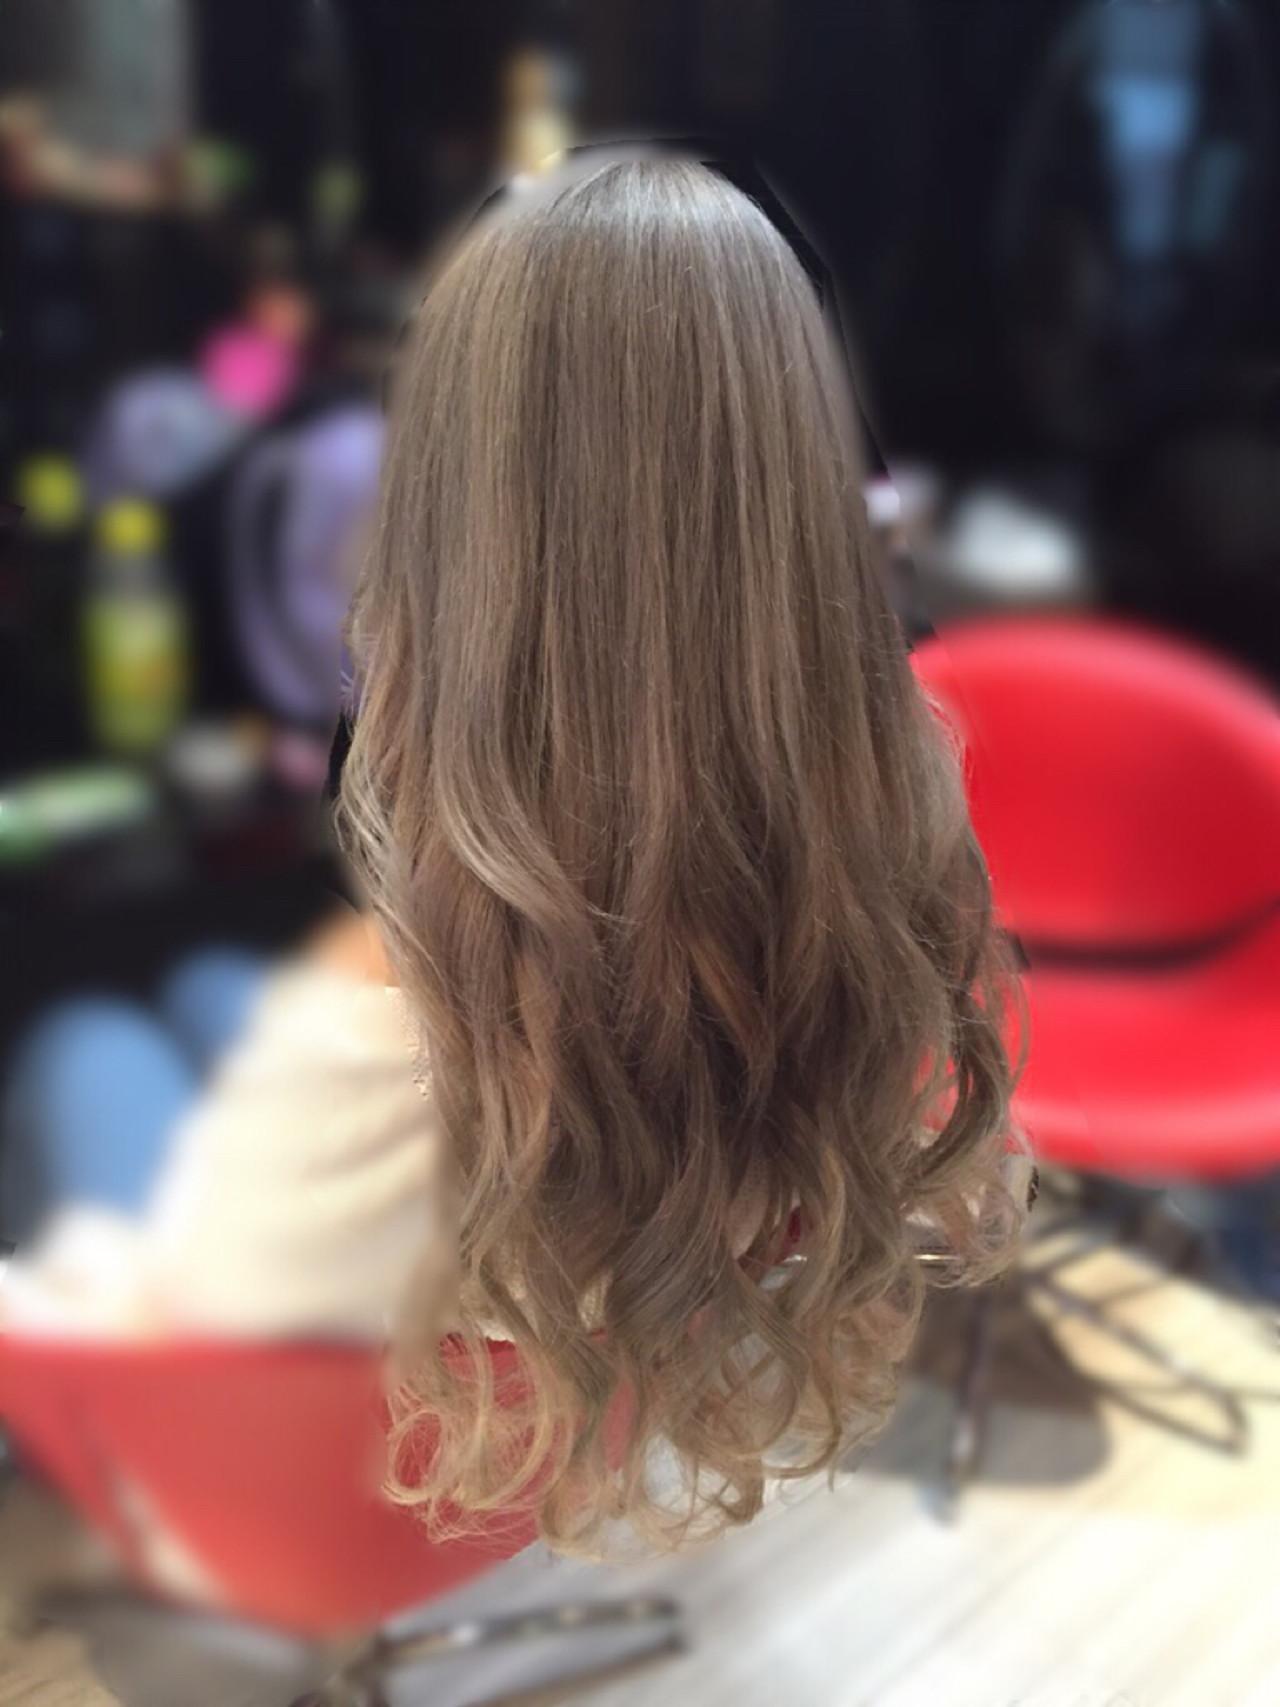 ミルクティーベージュ ヌーディベージュ ストリート アッシュヘアスタイルや髪型の写真・画像